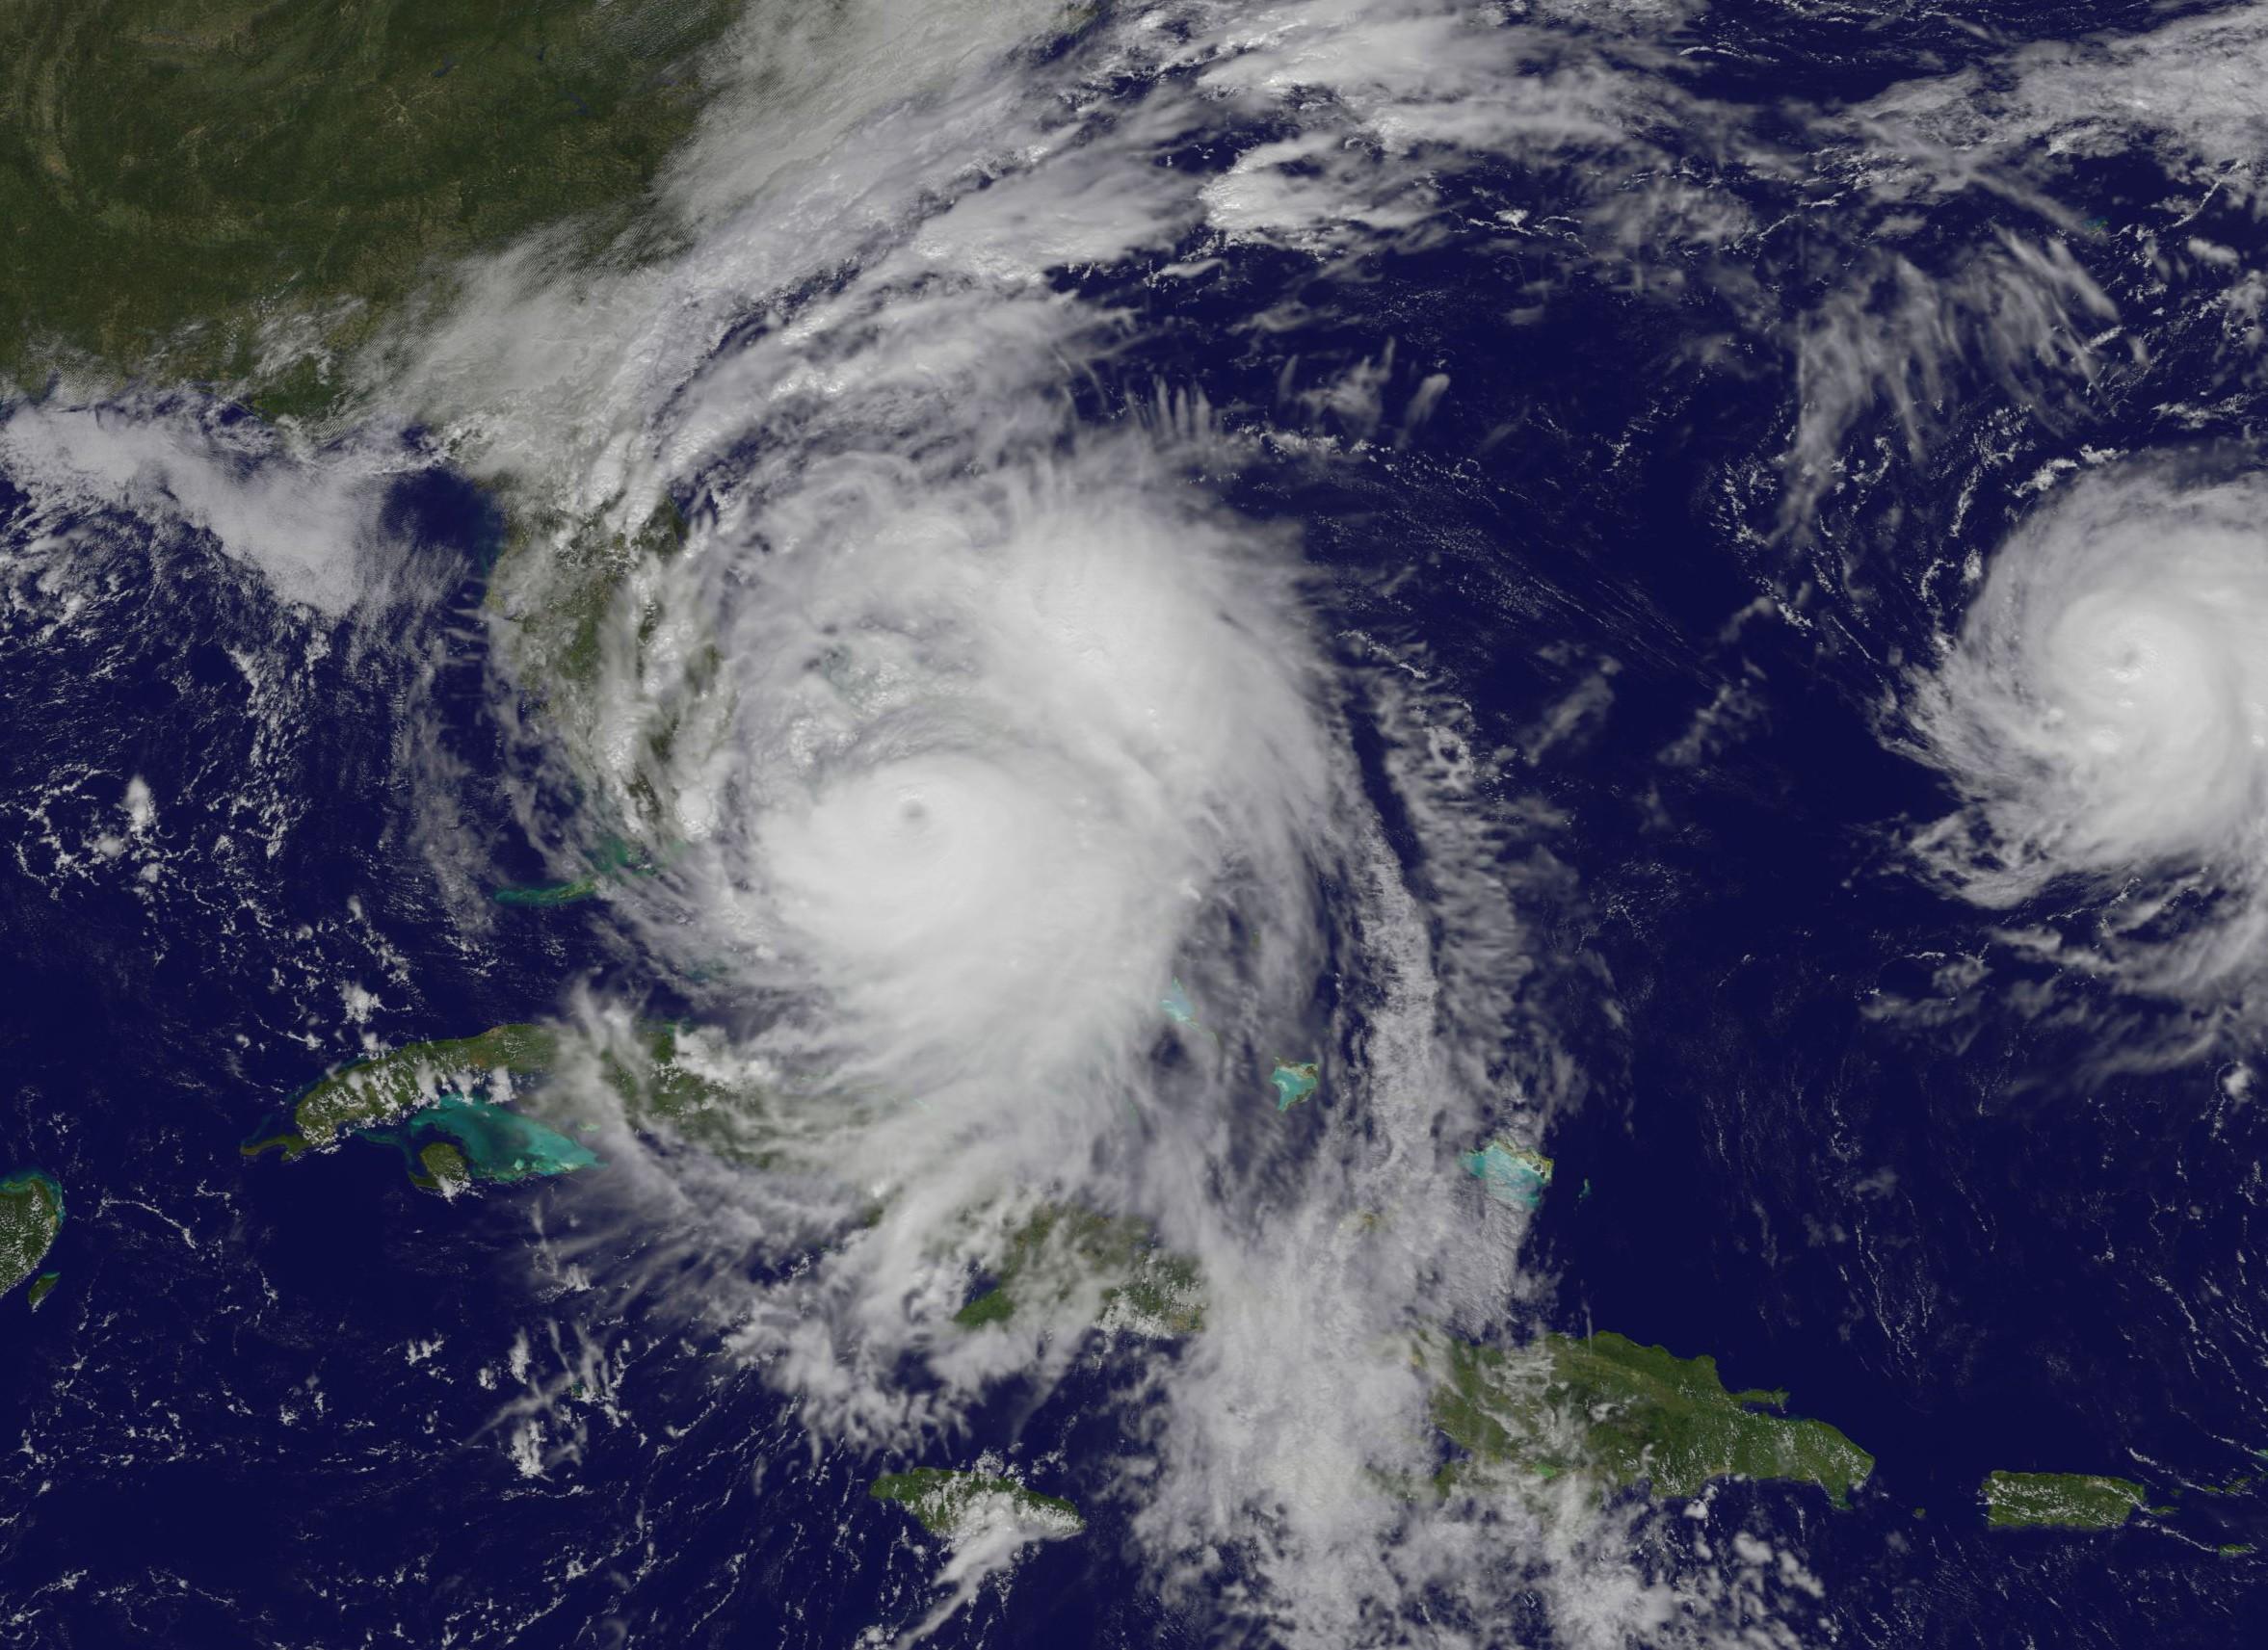 Furacão é de categoria 4 e deve atingir a Flórida nos próximos dias (Foto: NASA/NOAA GOES Project)